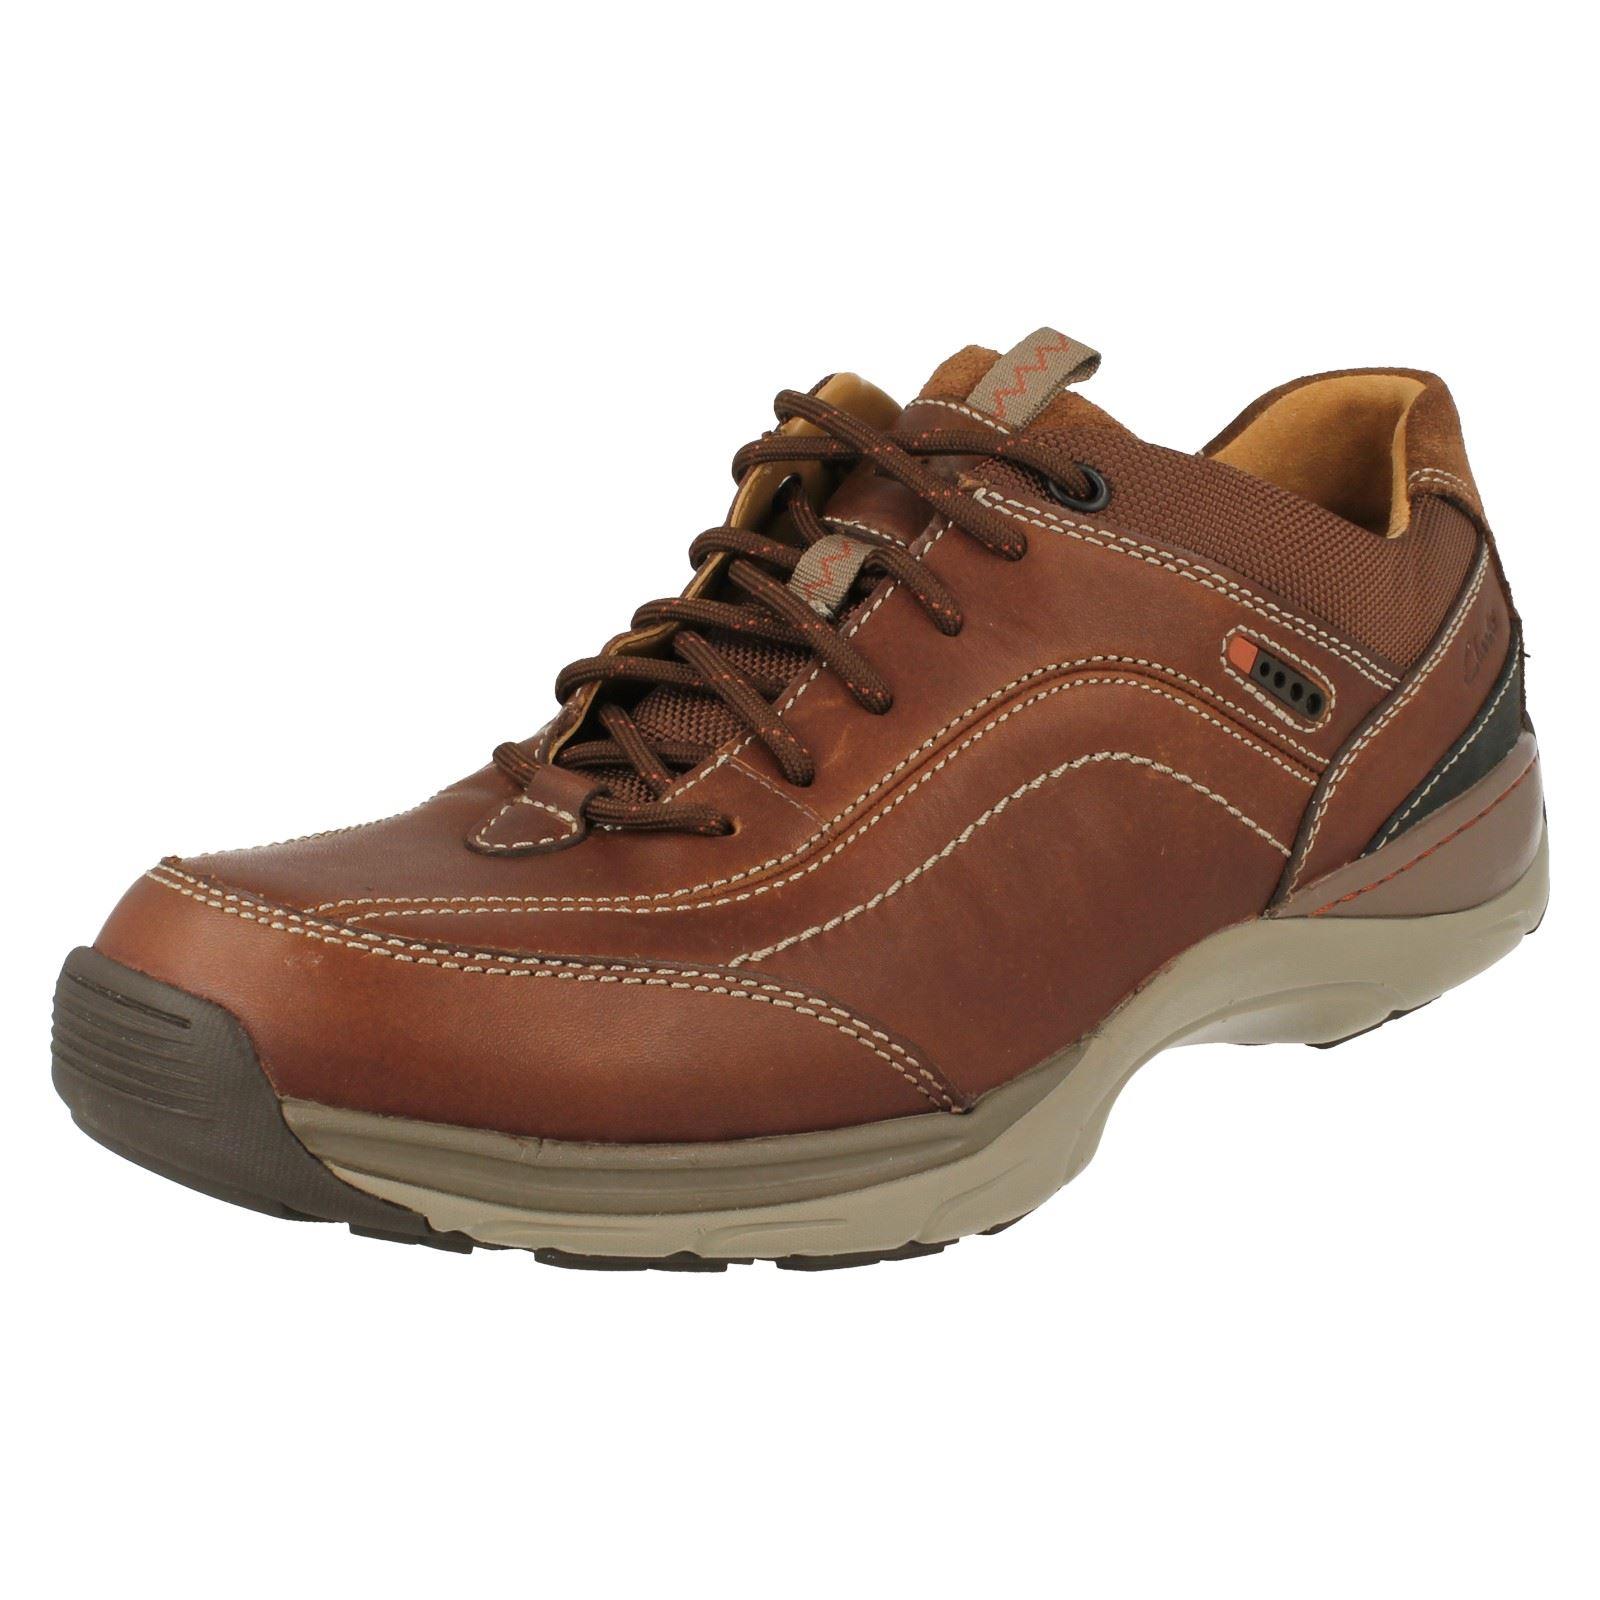 Clarks Air Vent Shoes